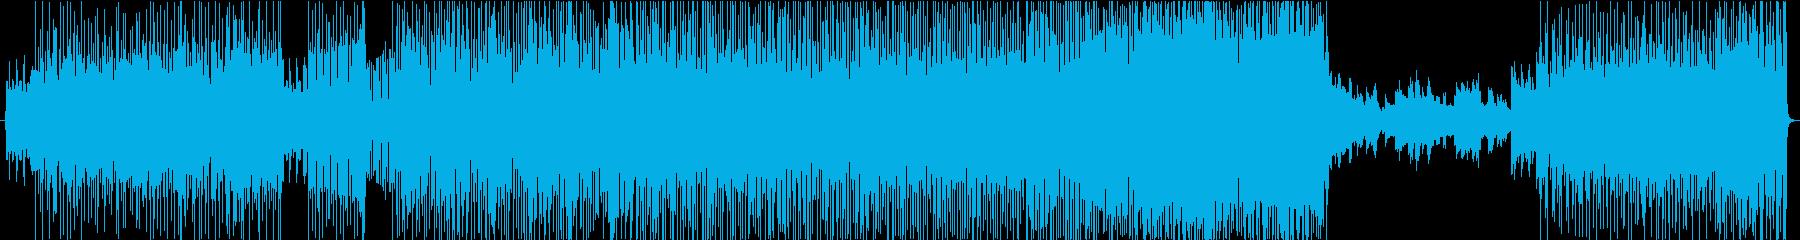 Introductionの再生済みの波形